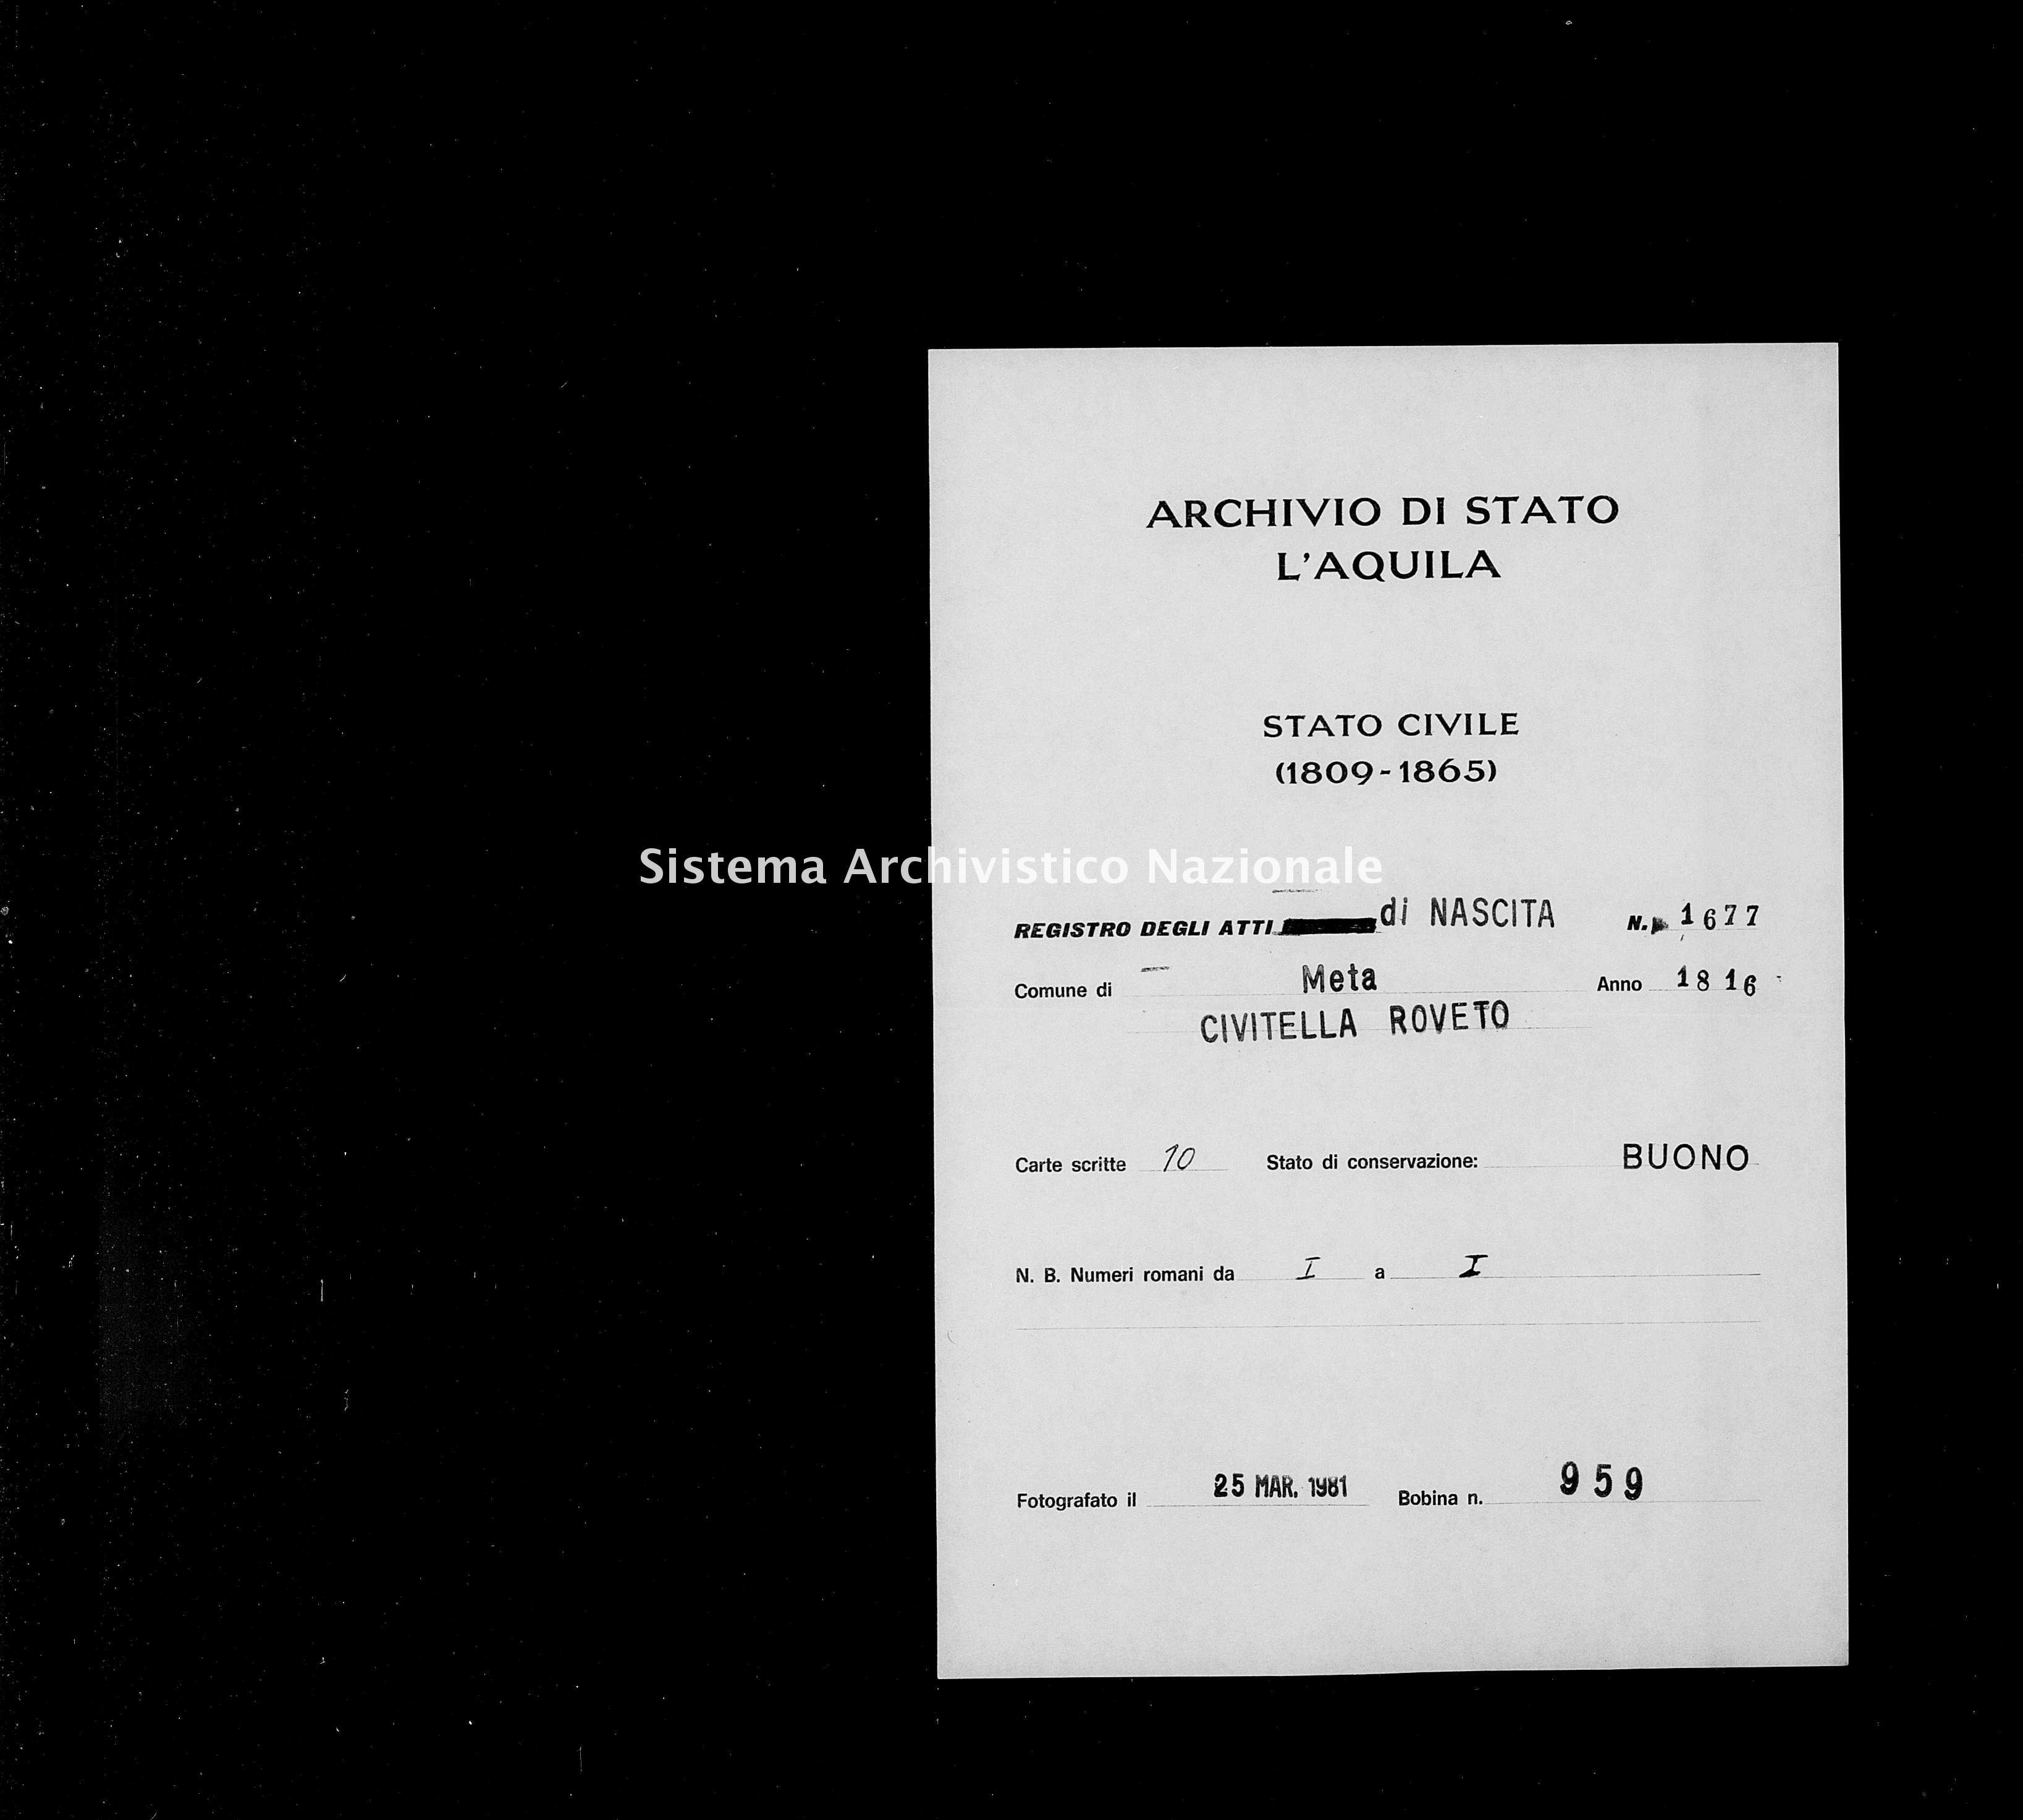 Archivio di stato di L'aquila - Stato civile della restaurazione - Meta - Nati - 1816 - 1677 -